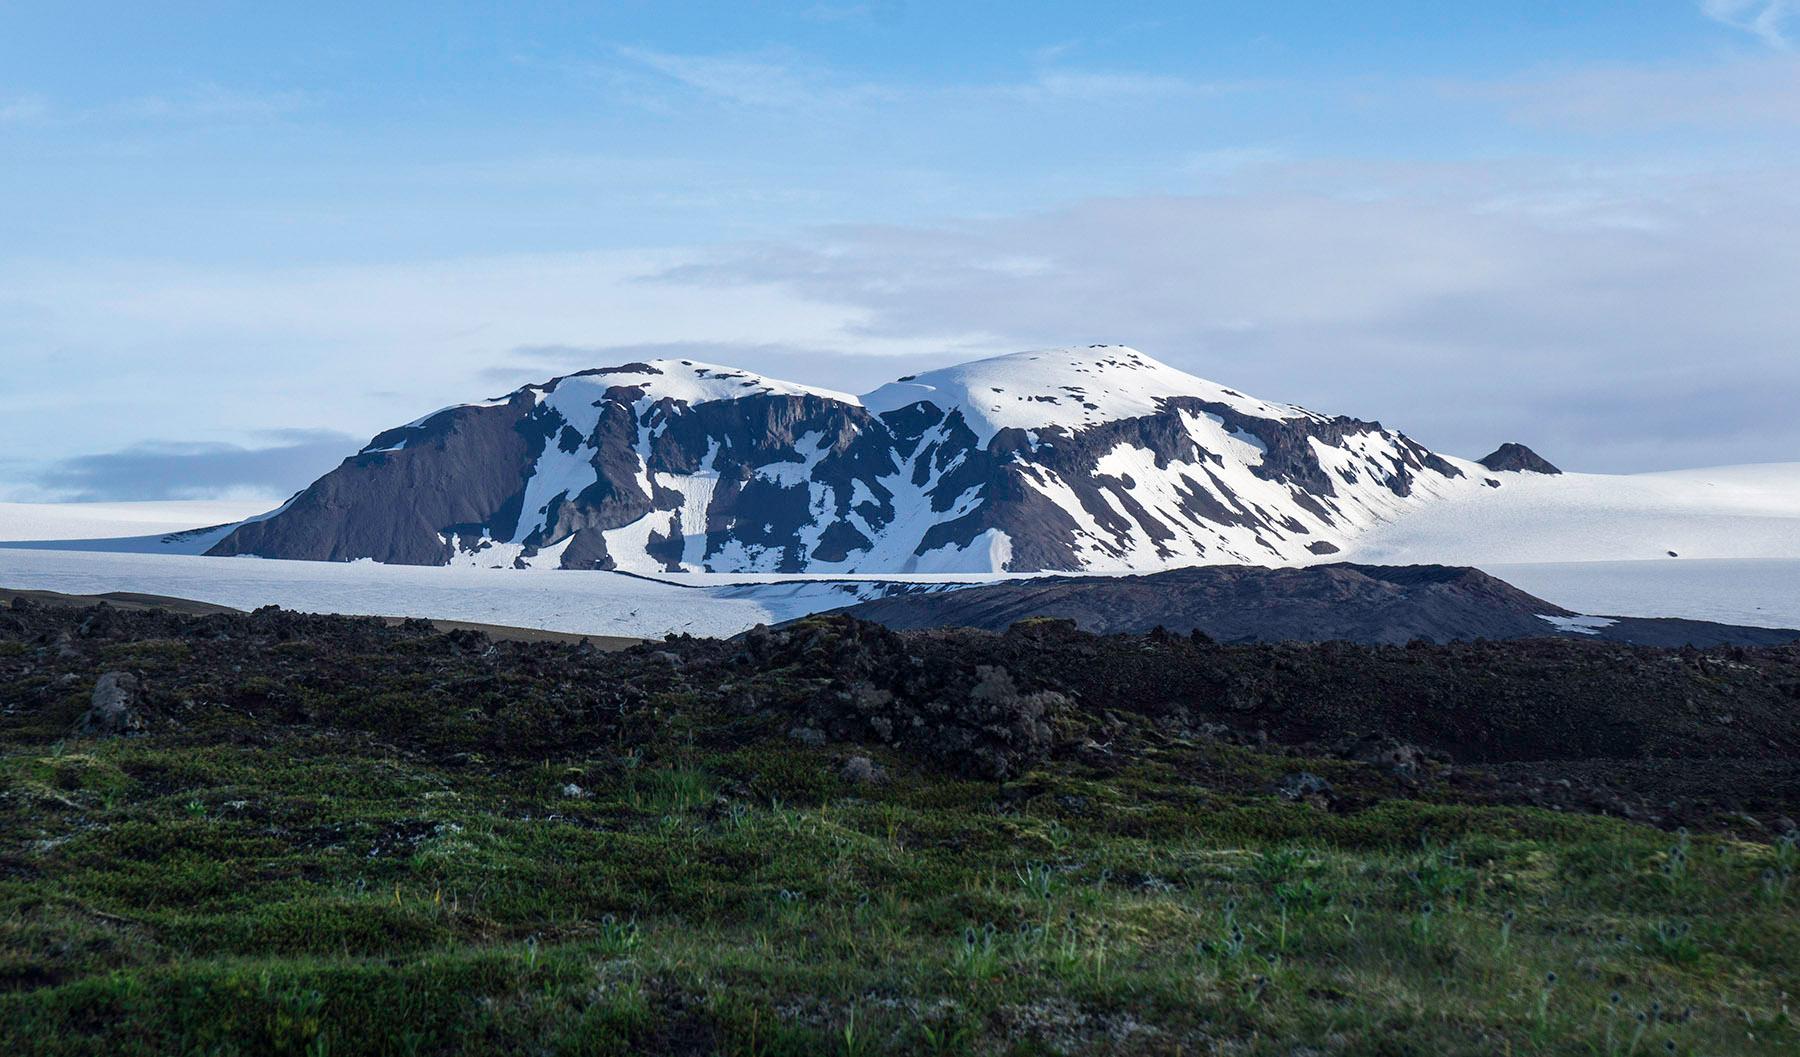 The glacier nearby